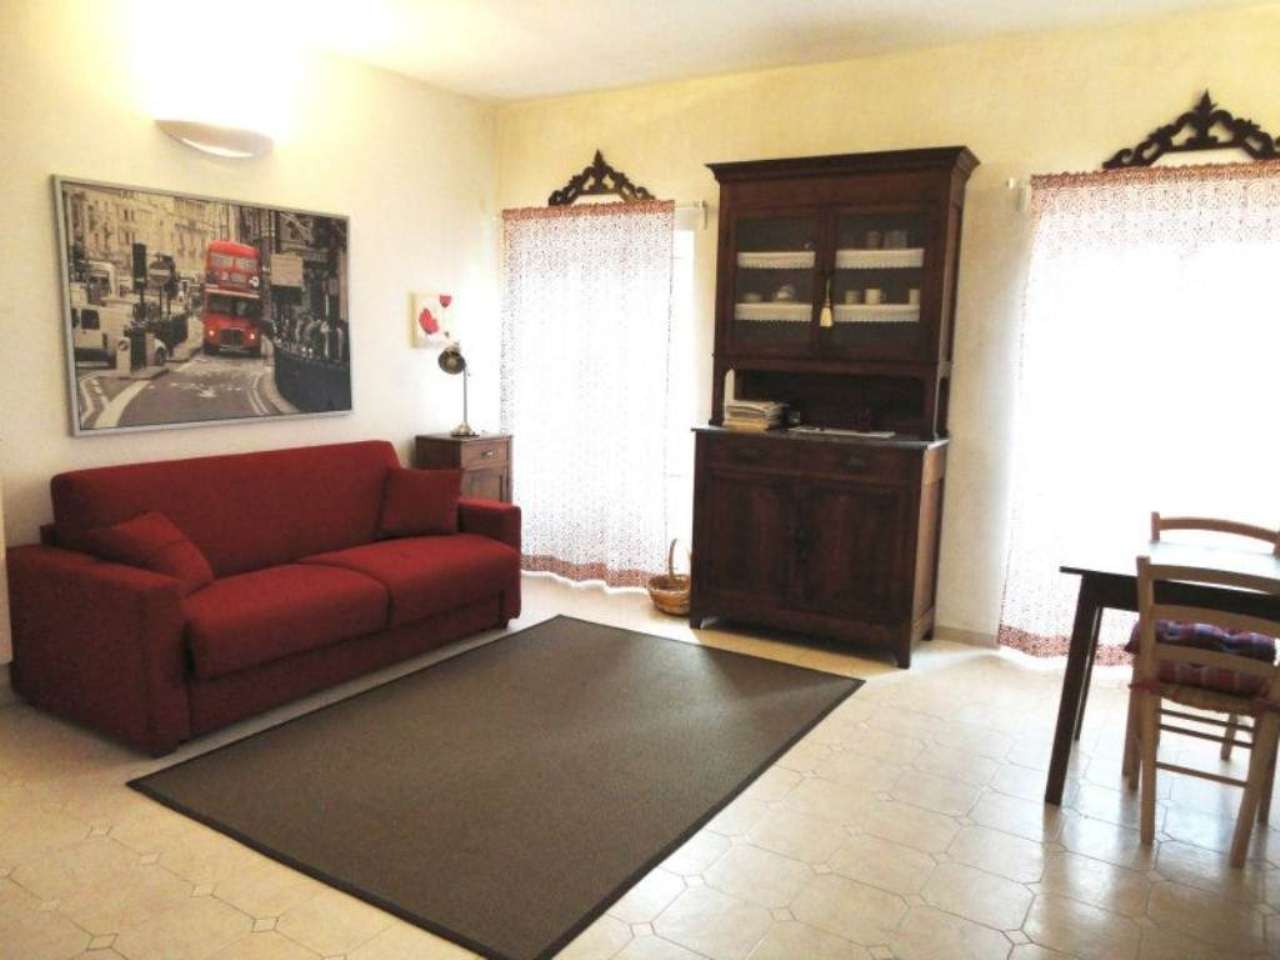 Appartamento in vendita a Cicagna, 3 locali, prezzo € 69.000 | CambioCasa.it